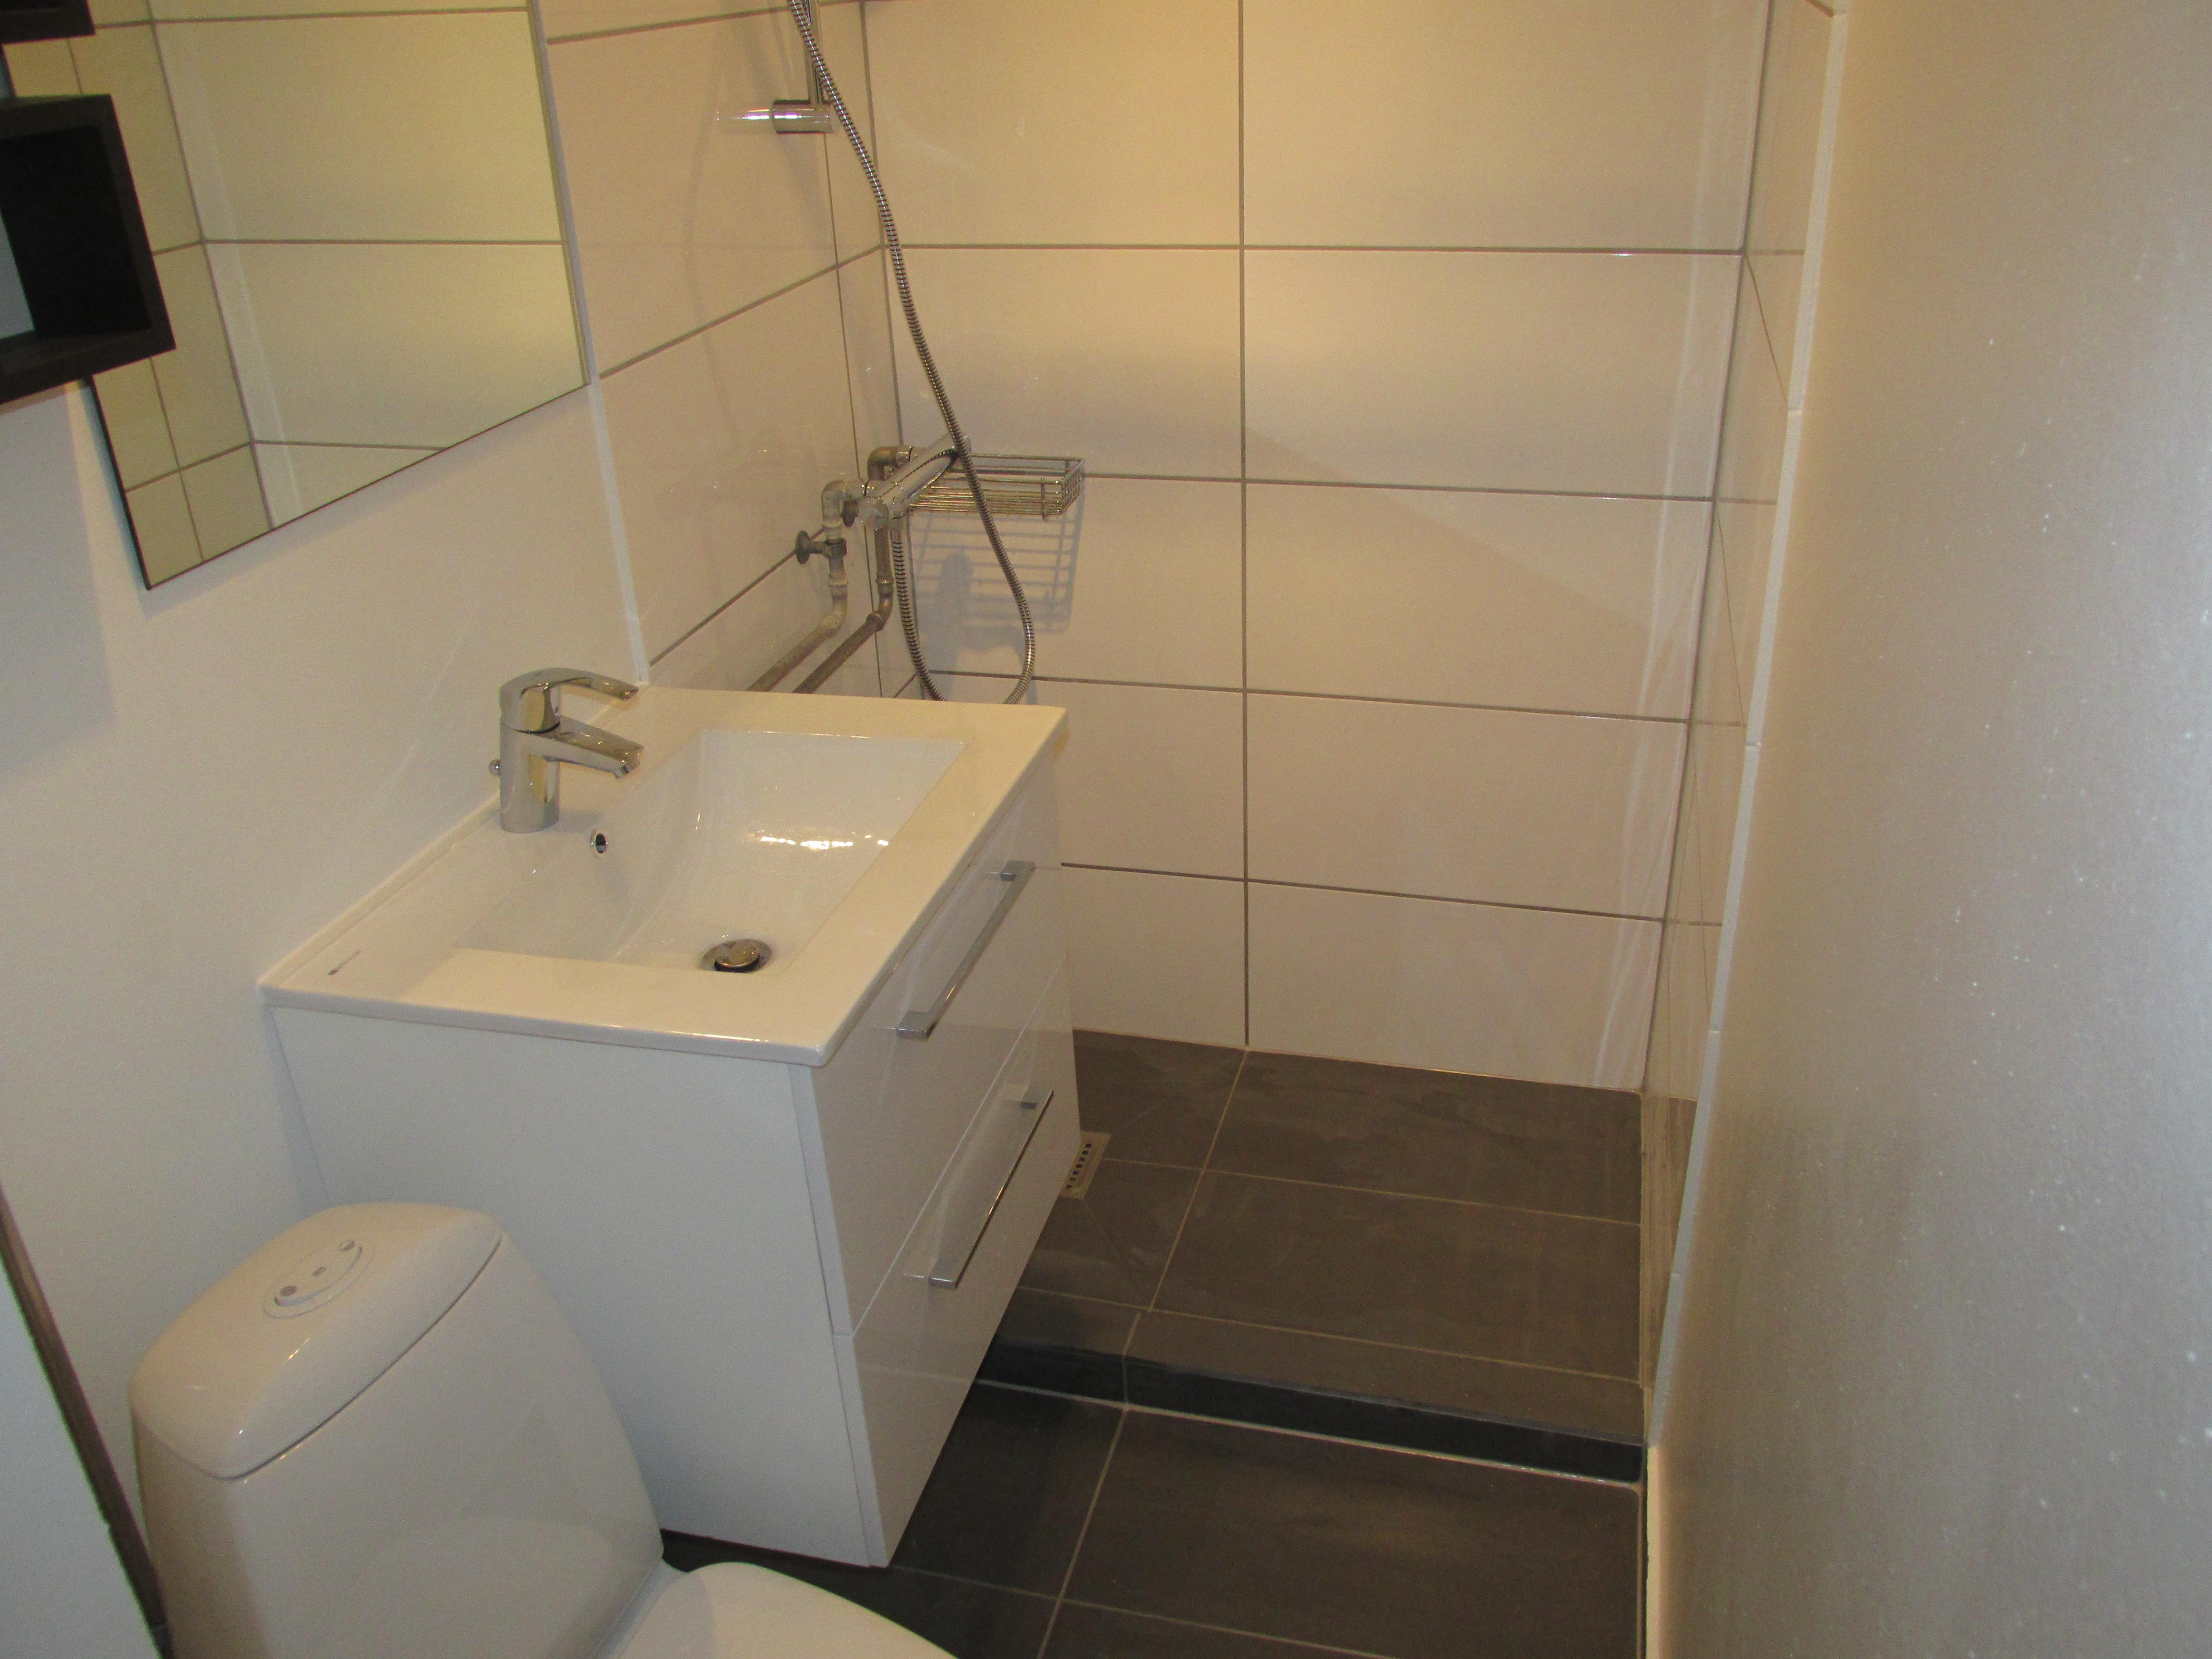 badeværelse renovering Galleri med eksempler på vores murer  og entreprisearbejde badeværelse renovering